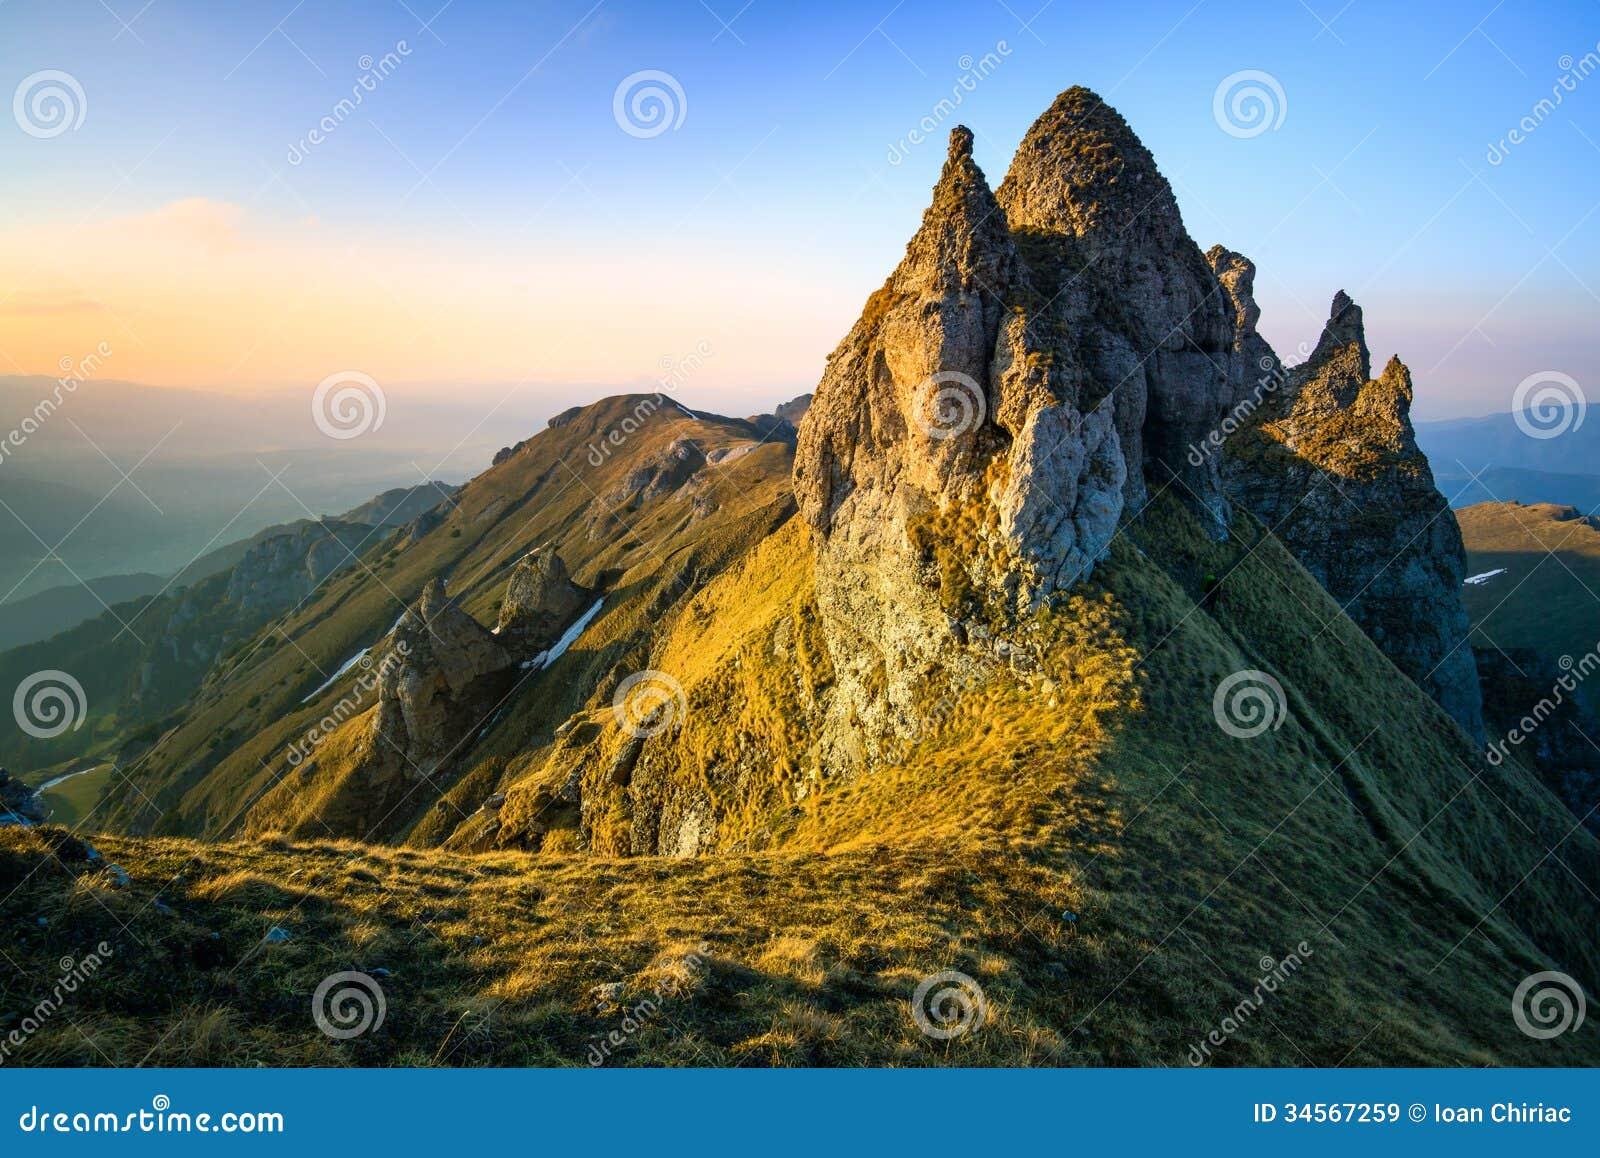 Paysage des montagnes de bucegi en roumanie image stock for Chambre de commerce roumanie